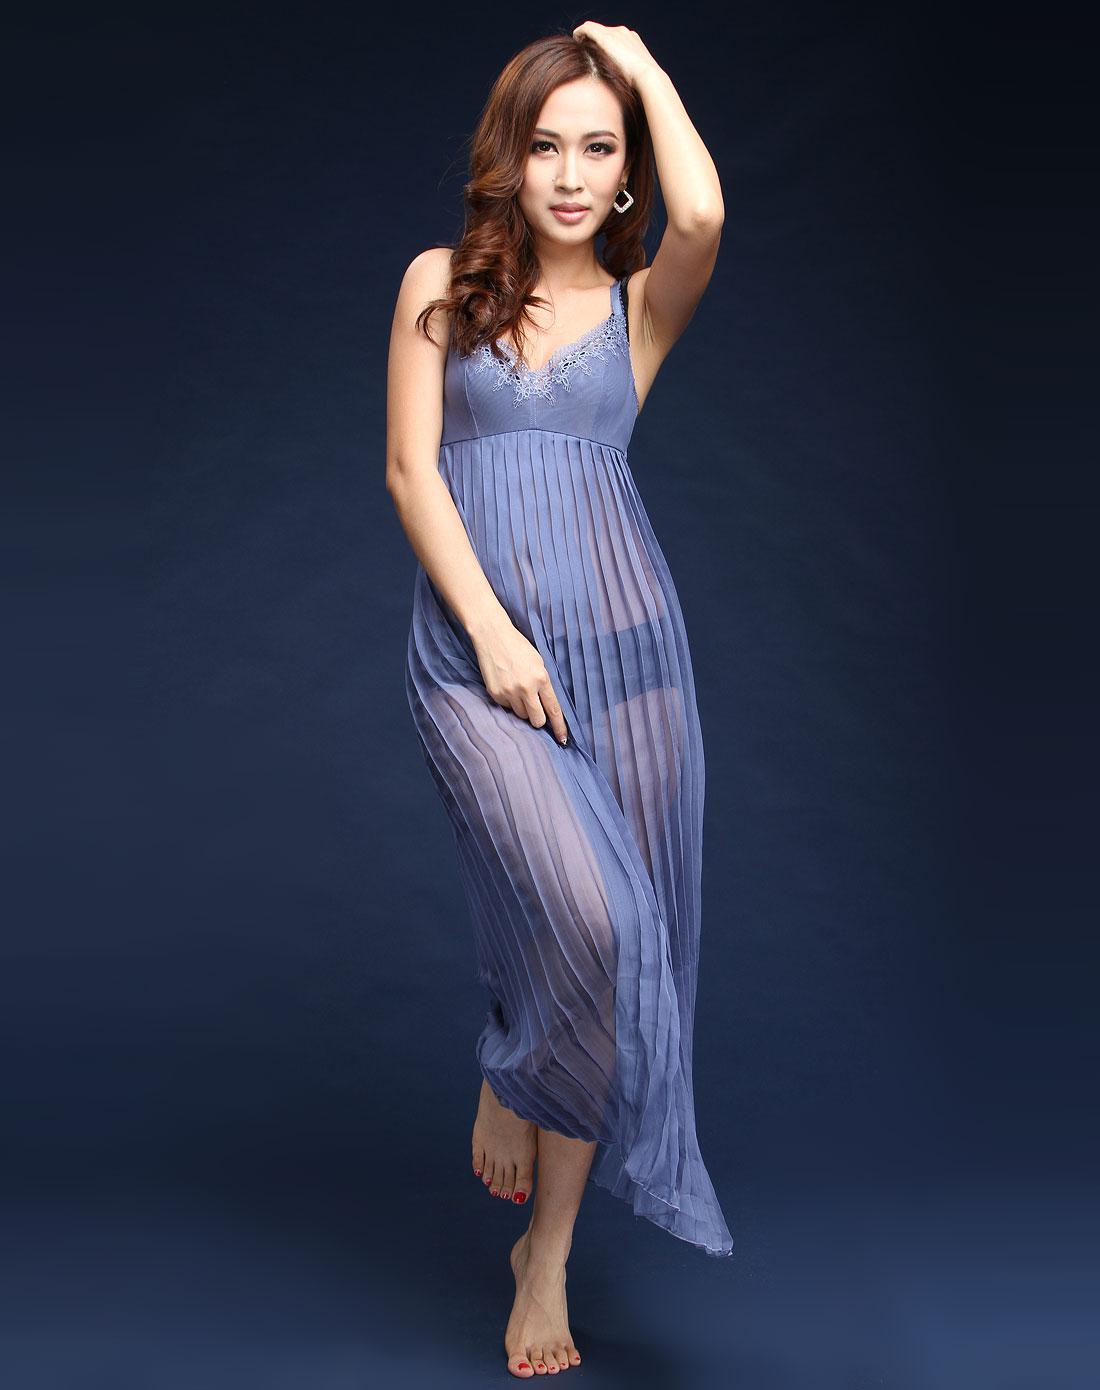 蔻夏尔corsetc内衣专场蓝色百褶吊带连衣裙